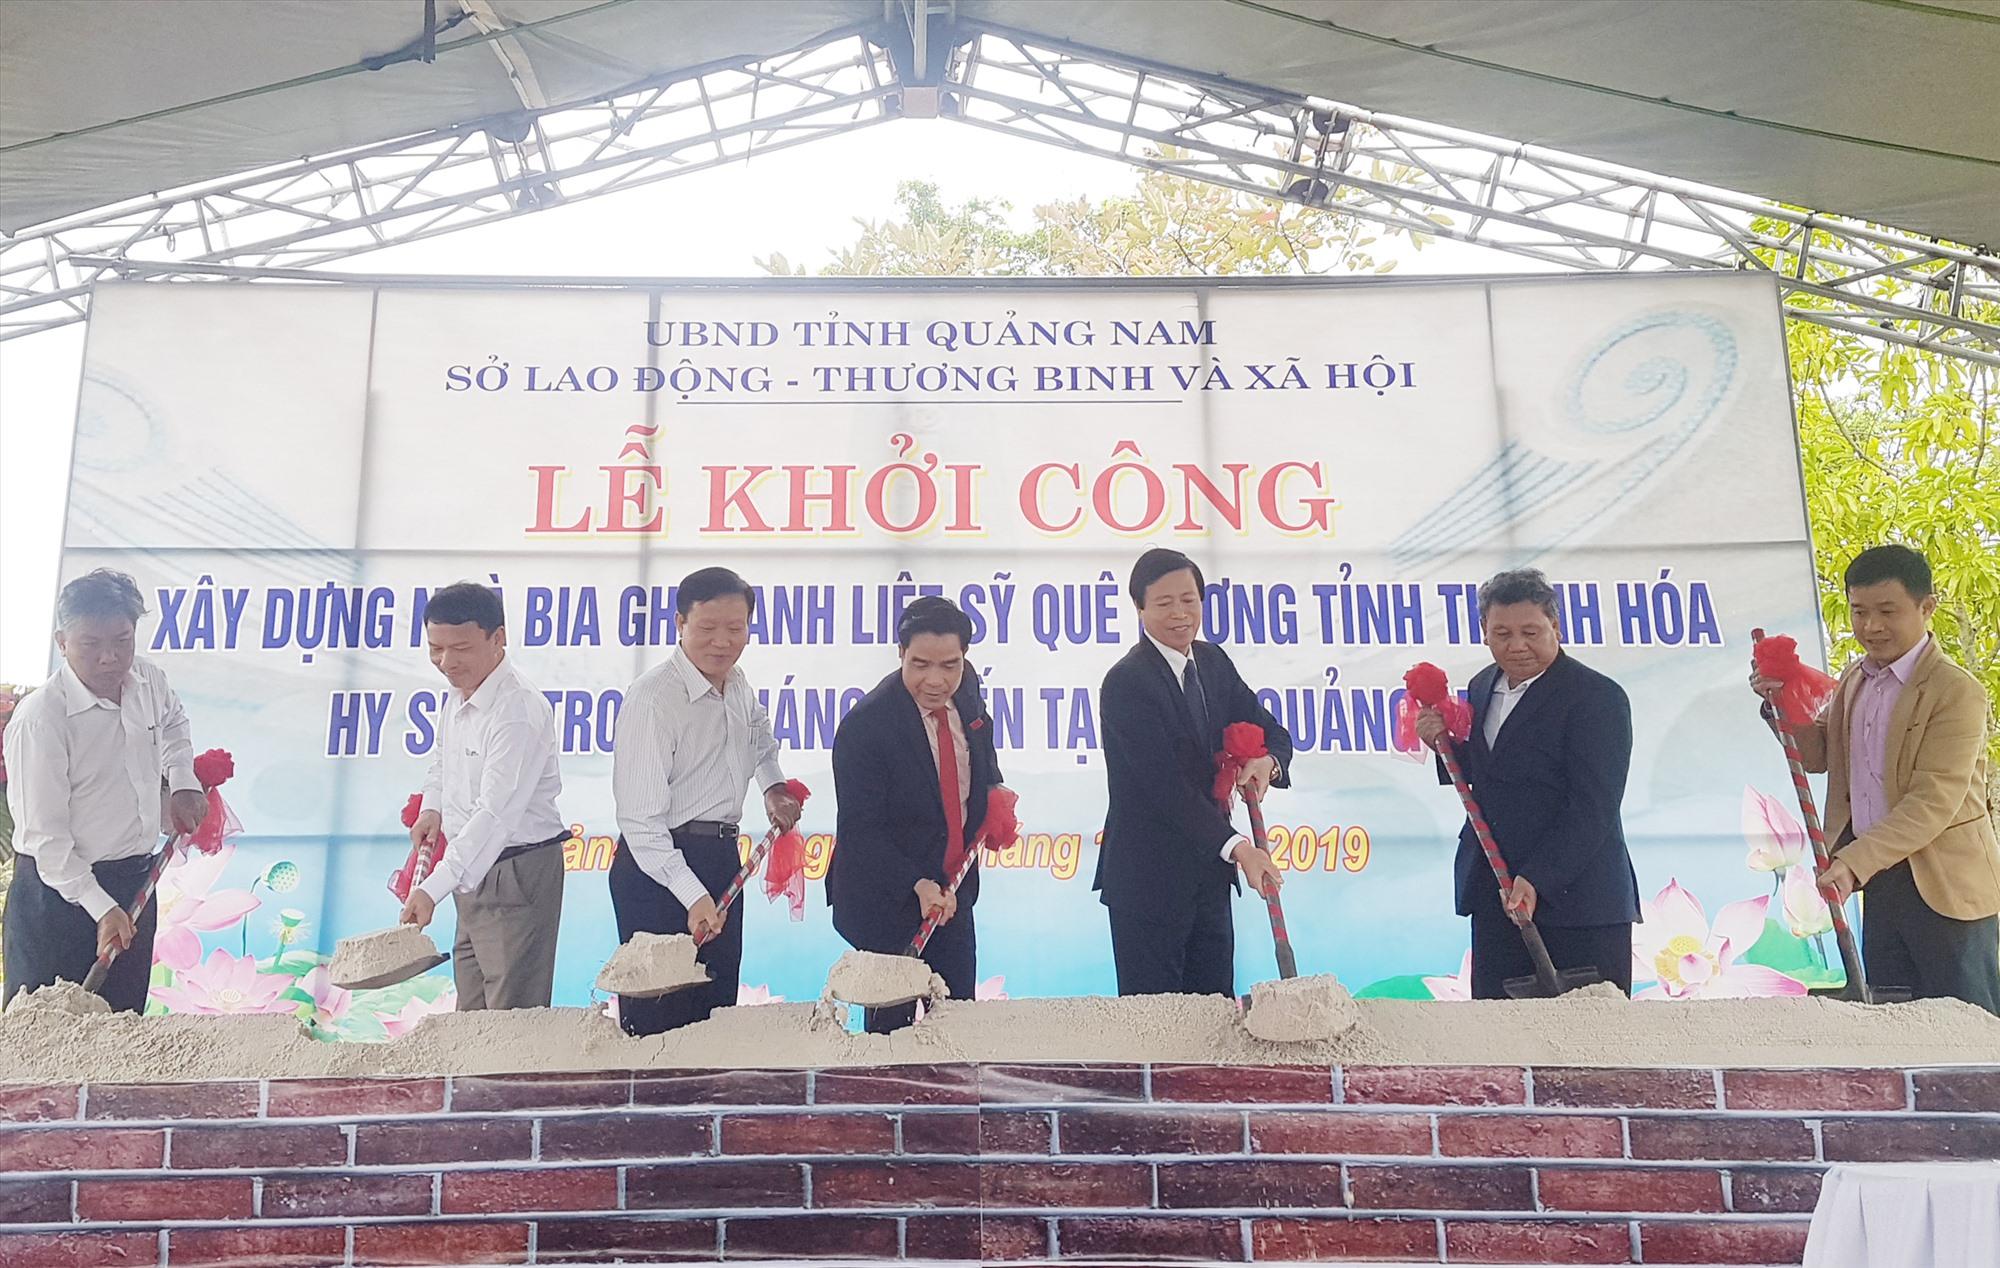 Nhà bia ghi danh liệt sĩ quê hương Thanh Hóa hy sinh trong kháng chiến tại Quảng Nam được khởi công xây dựng vào cuối năm 2019. Ảnh: DIỄM LỆ